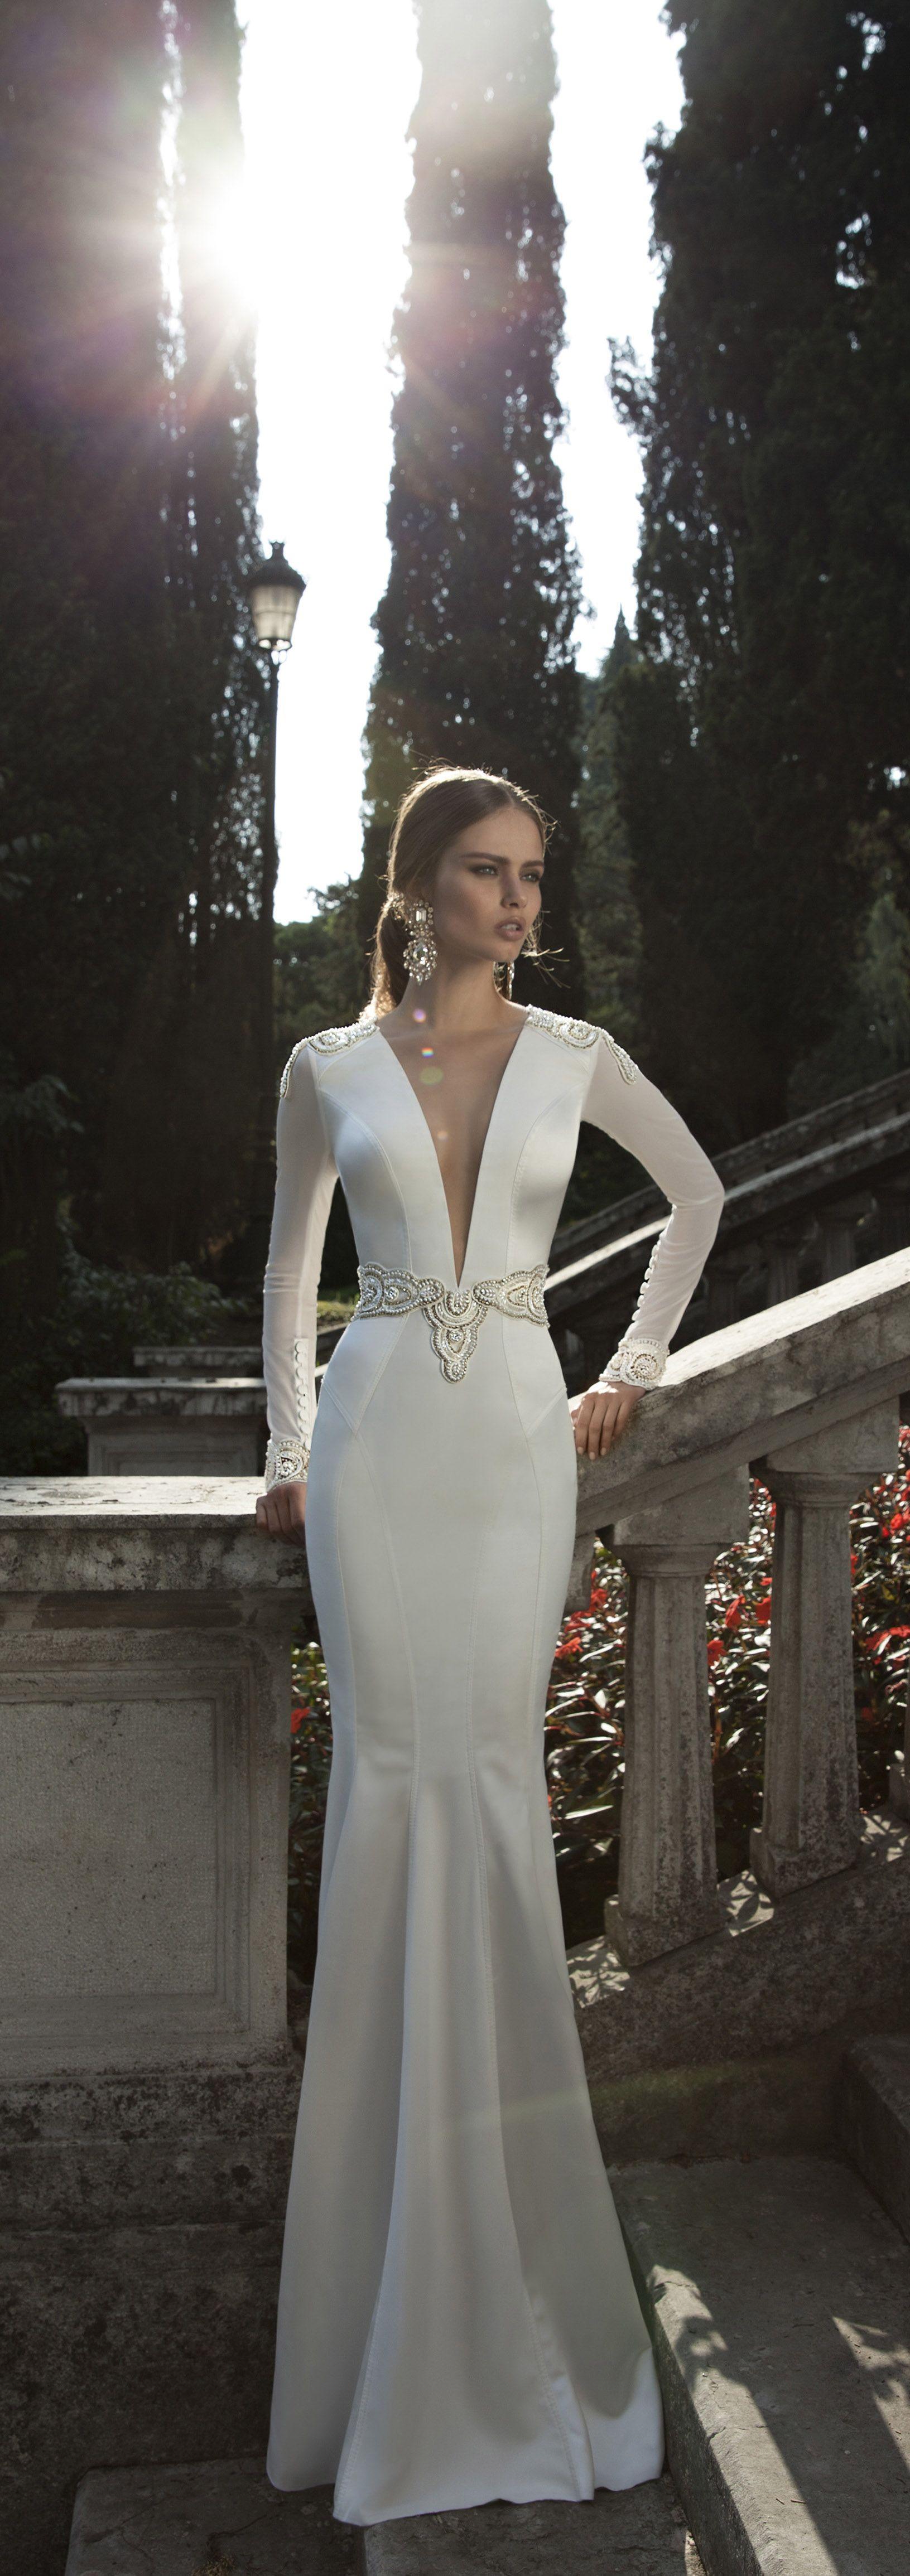 d8442d211a4 BERTA wedding gown